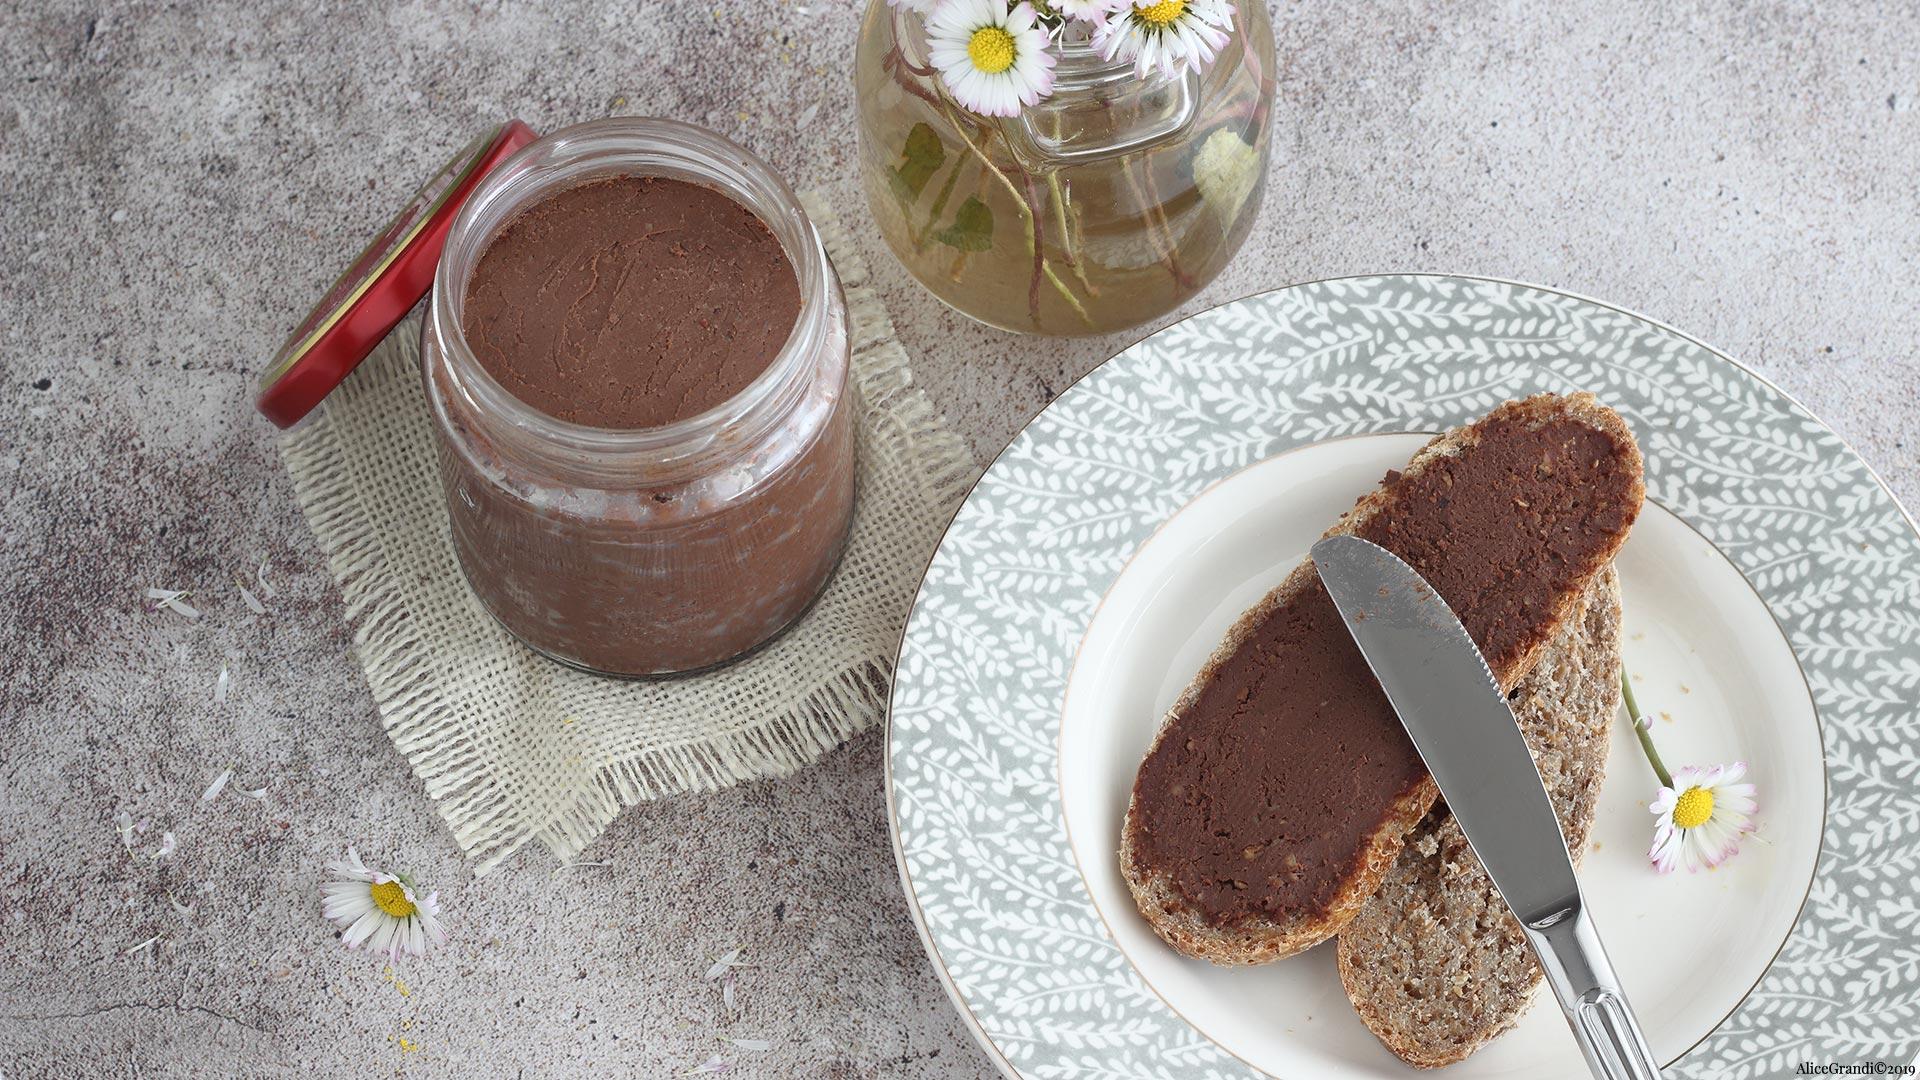 Ricetta Nutella Light Fatta In Casa.Nutella Proteica Senza Latte Nutella Fatta In Casa Vegan E Salutare Ricettevegolose